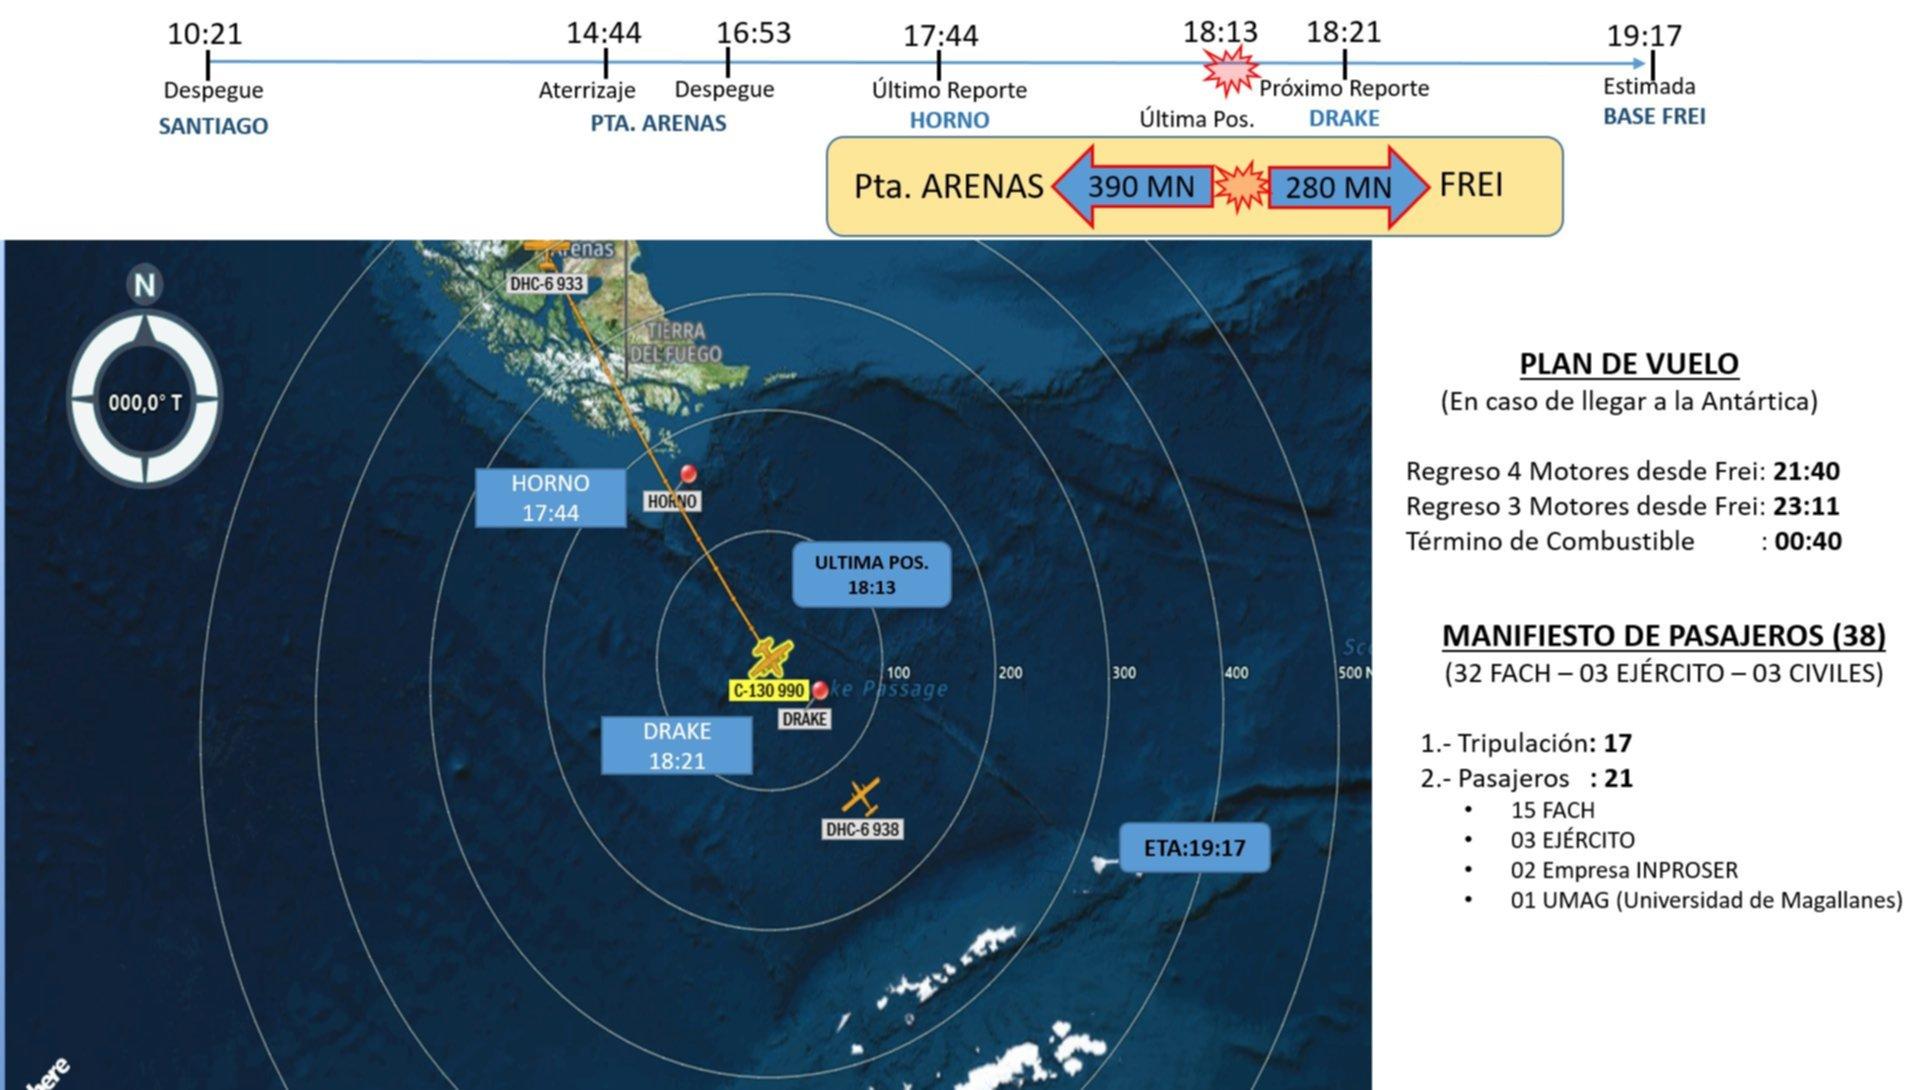 FACh confirma existencia de audio que acusa falla eléctrica en avión siniestrado